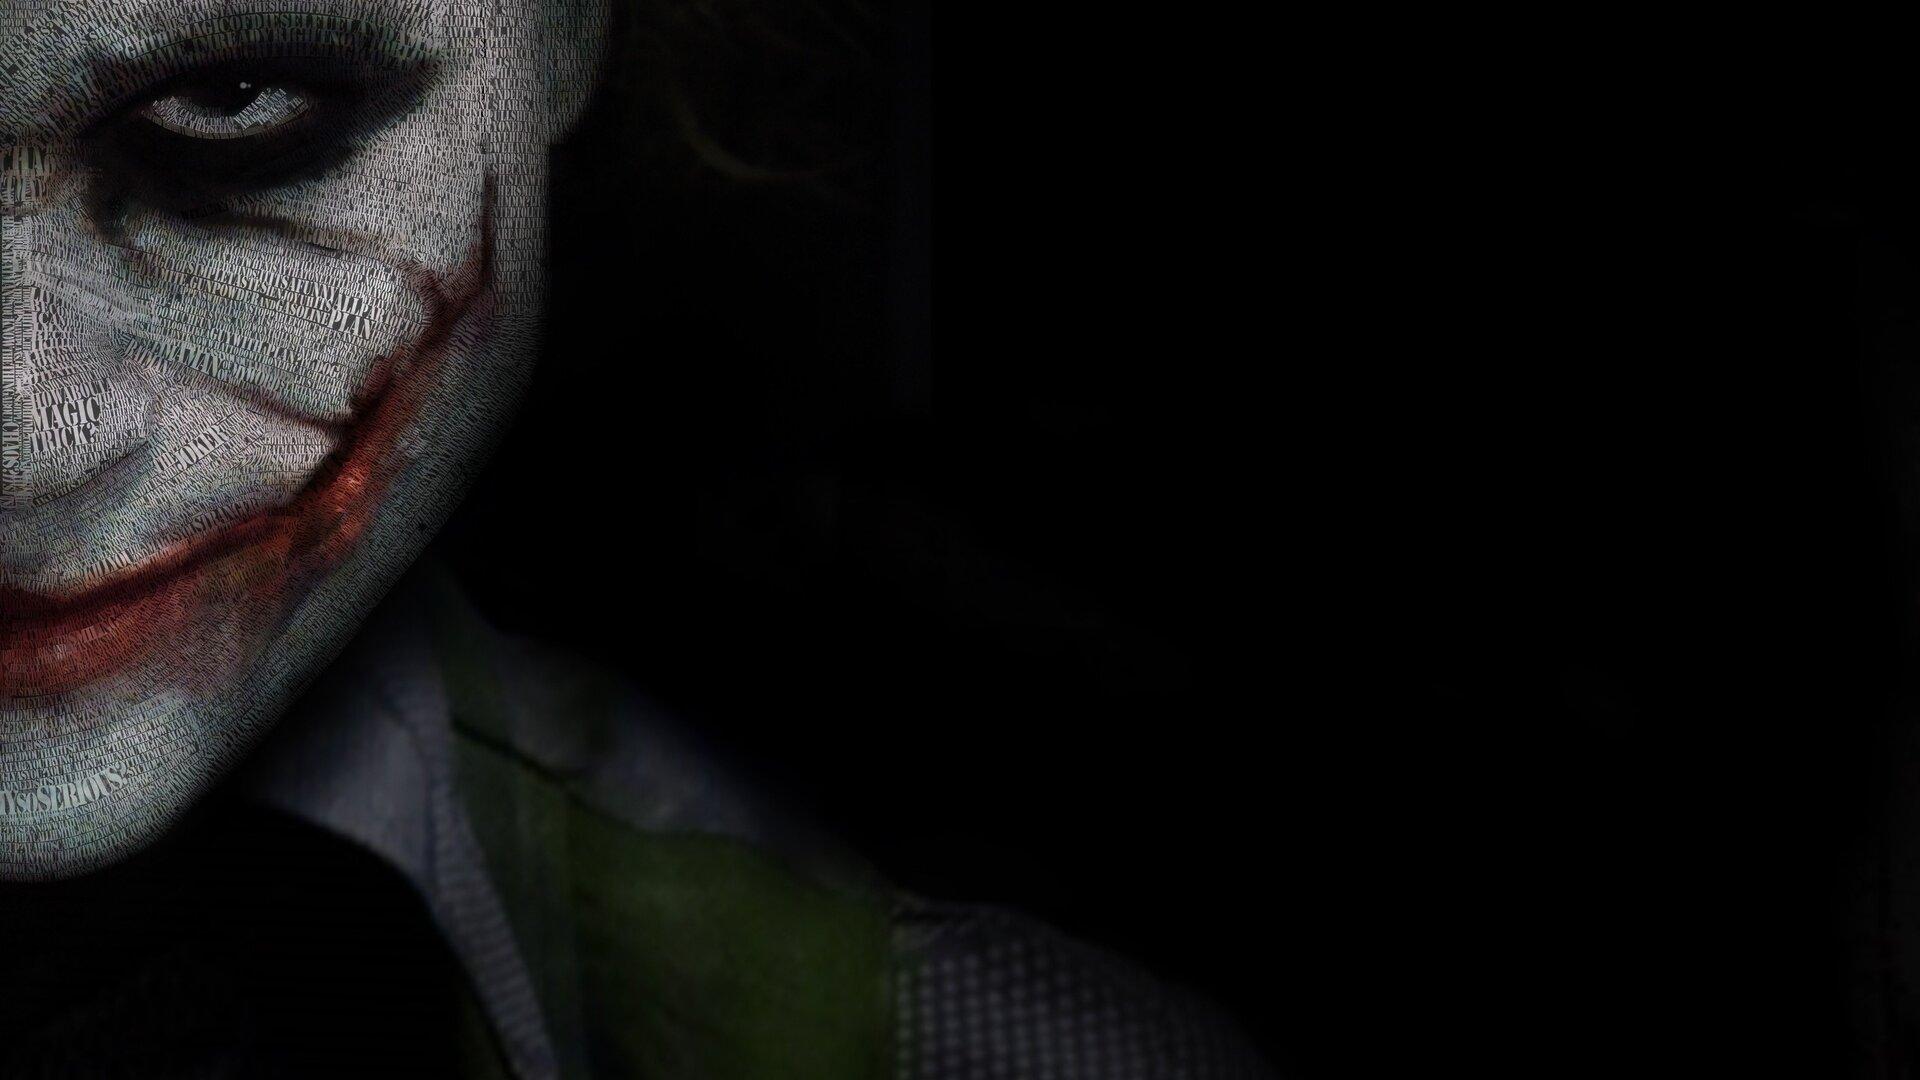 1920x1080 4k joker laptop full hd 1080p hd 4k wallpapers for Joker wallpaper 4k